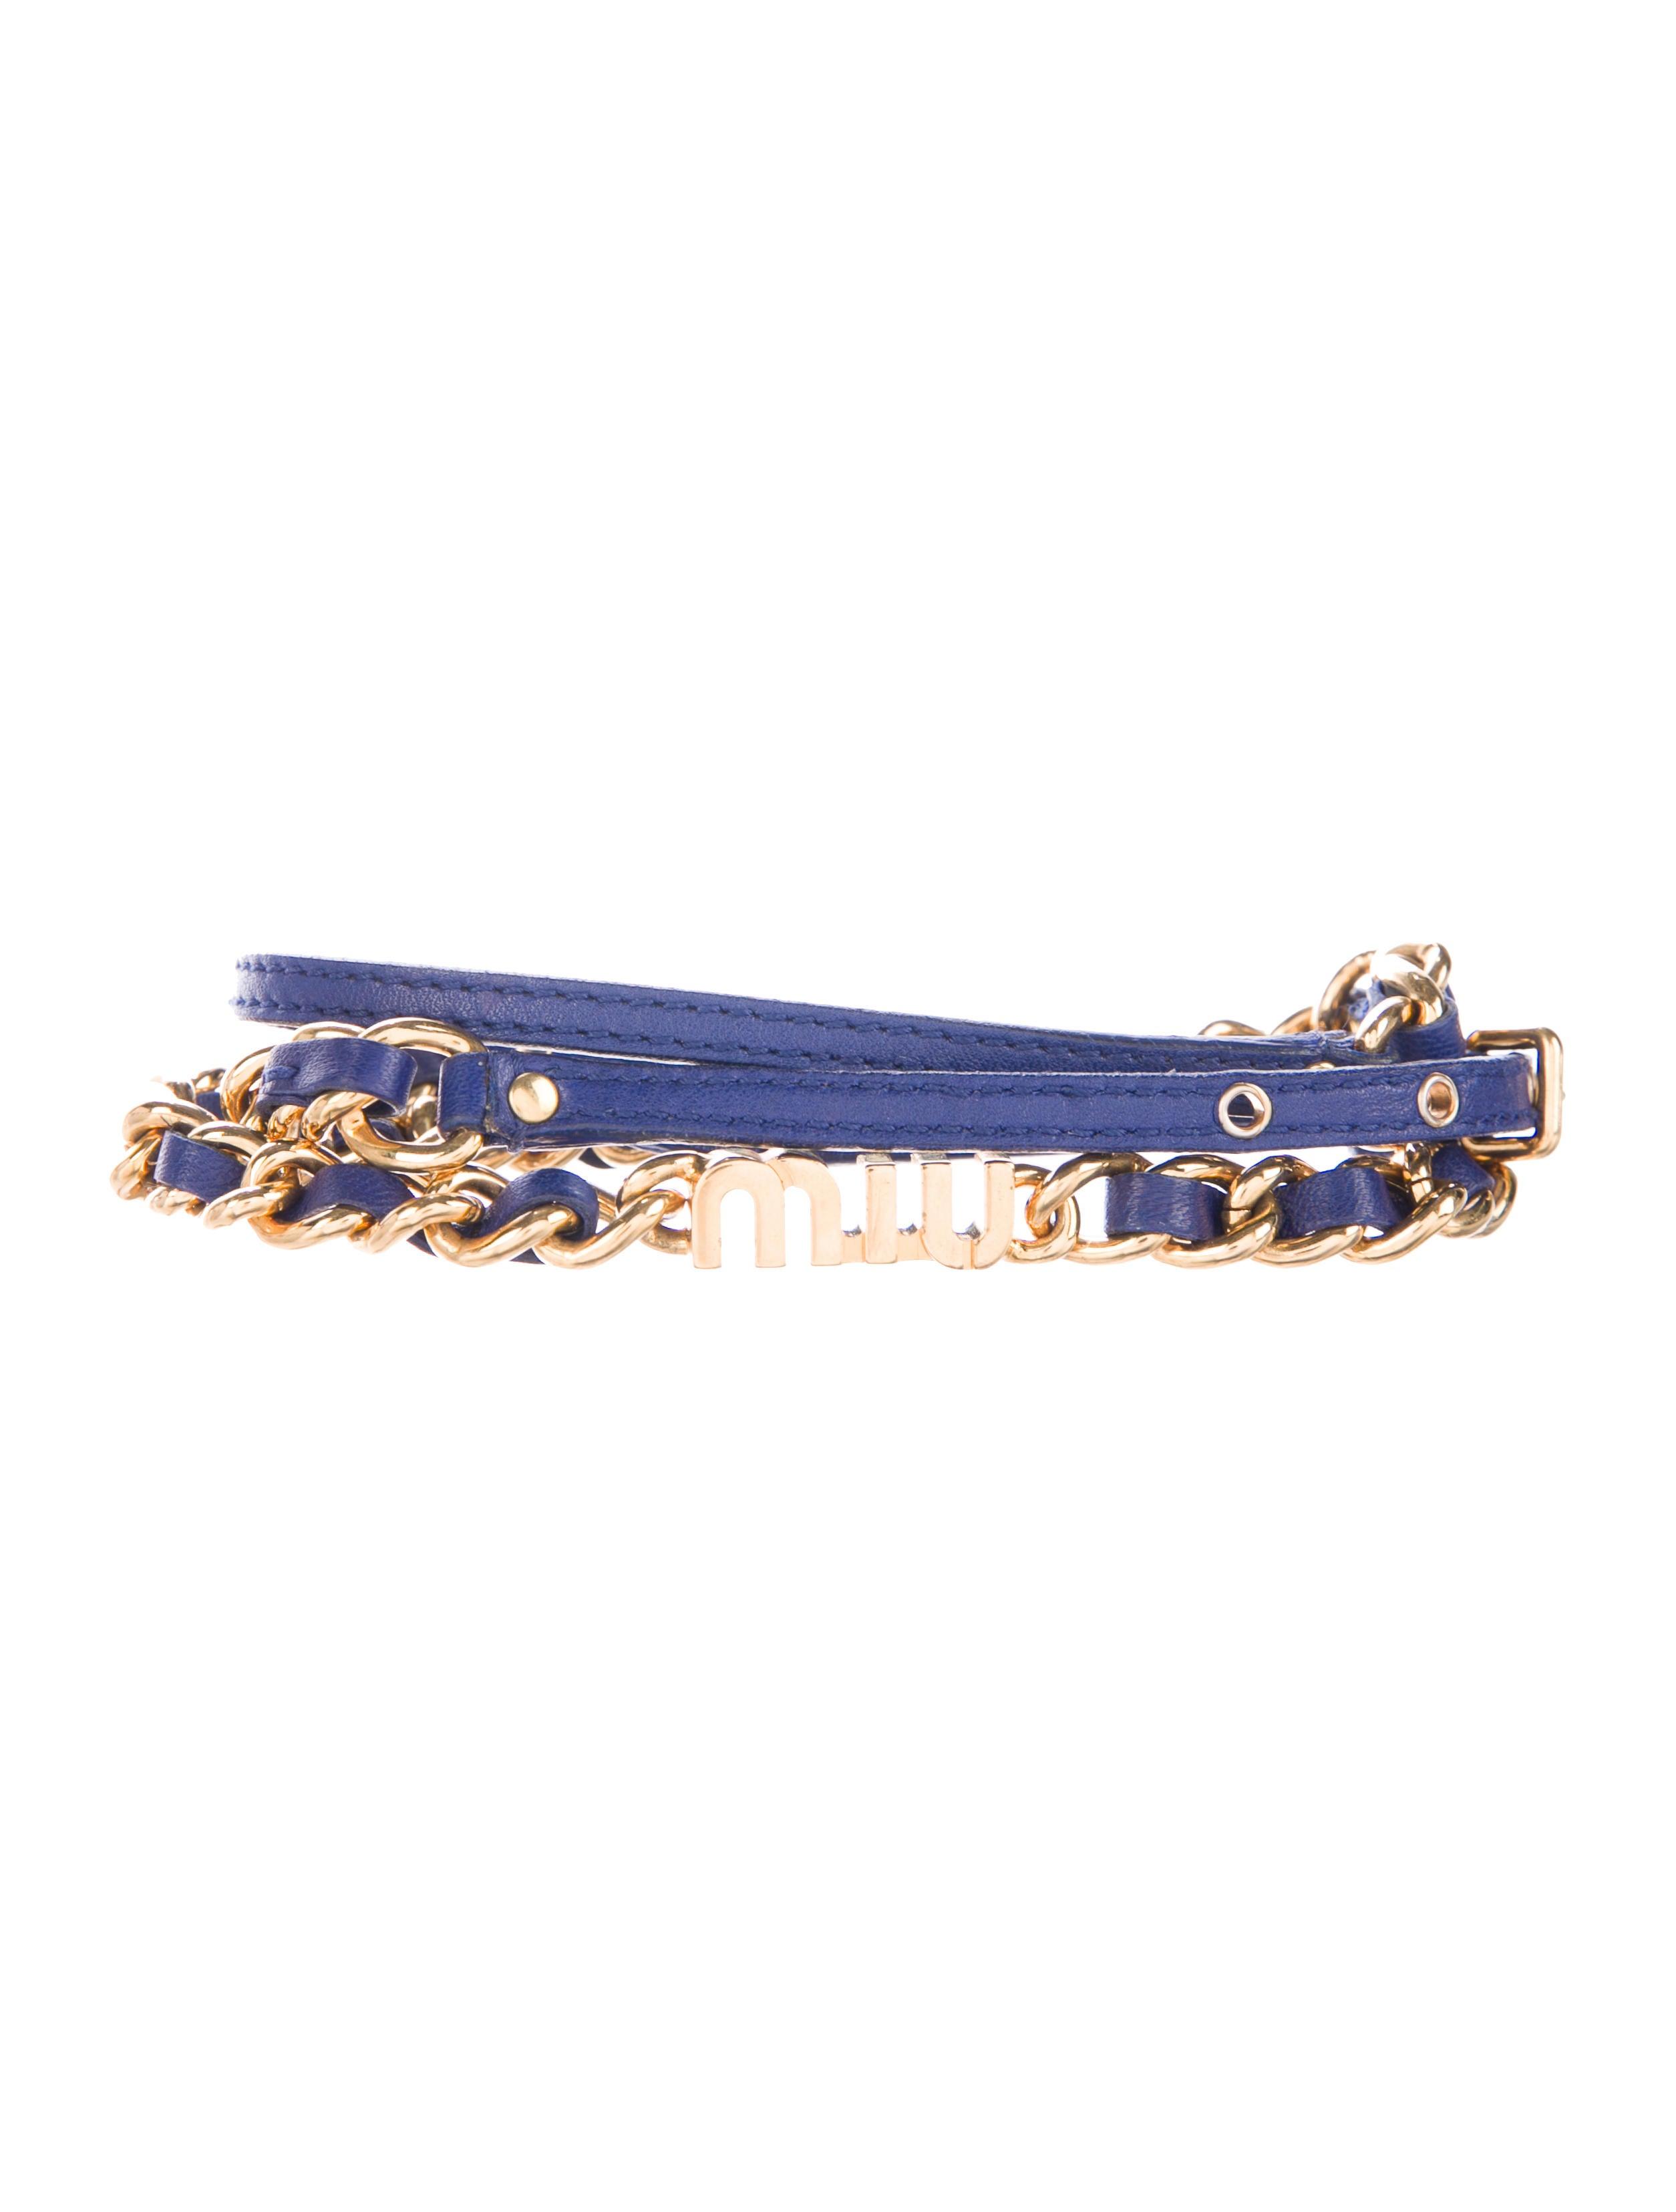 miu miu leather chain belt accessories miu52574 the